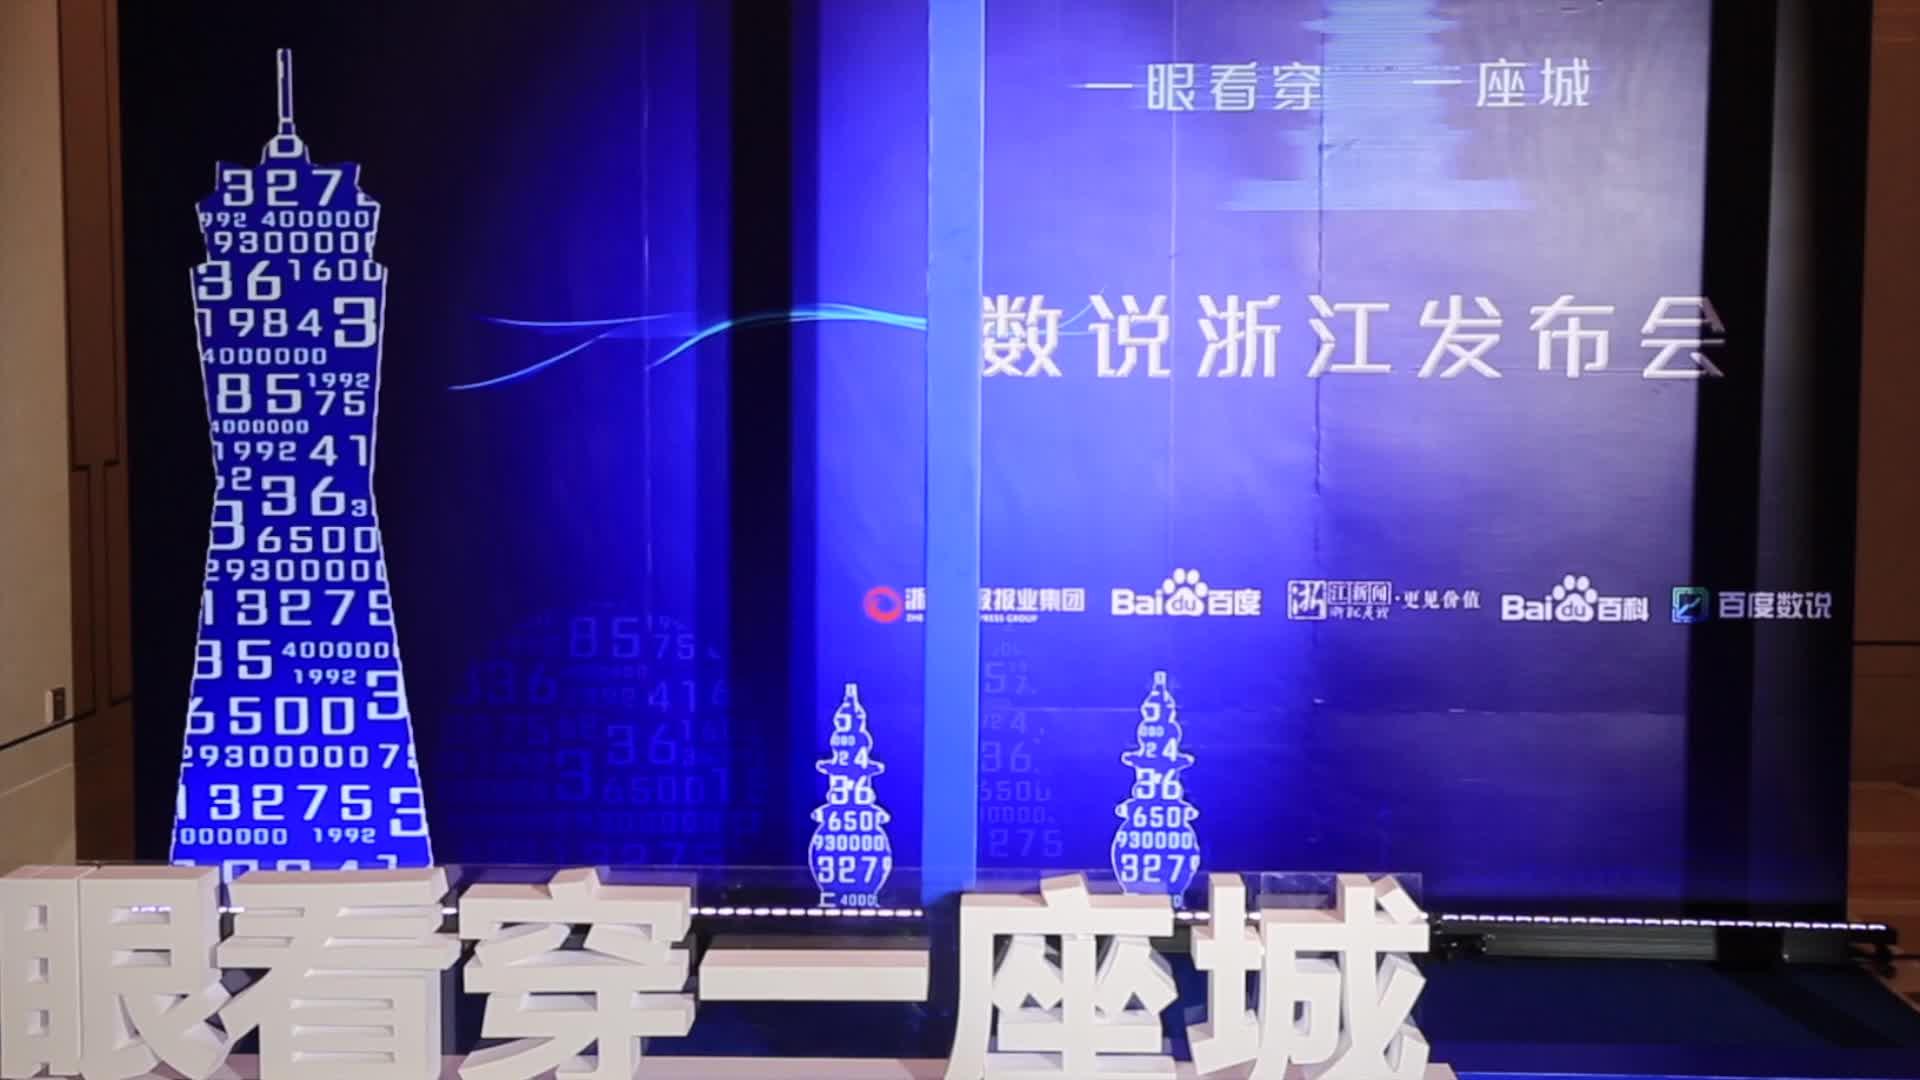 """""""一眼看穿一座城"""" 浙报集团联合百度百科发布""""数说浙江"""""""